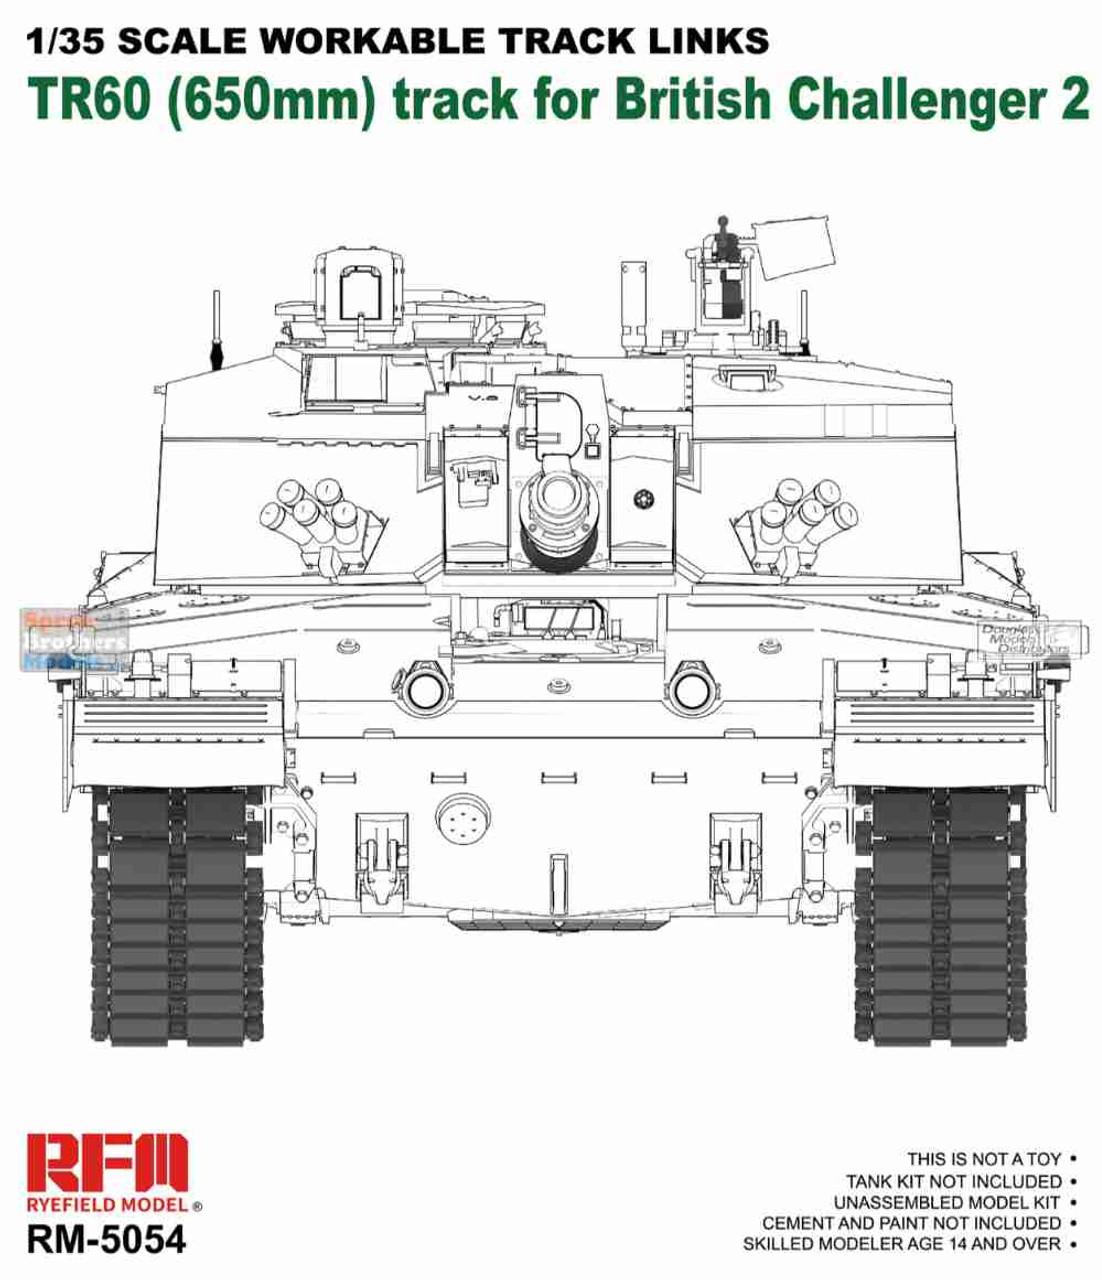 RFMRM5054 1:35 Rye Field Model British Challenger 2 TR60 41 4FS Workable Track Links Set